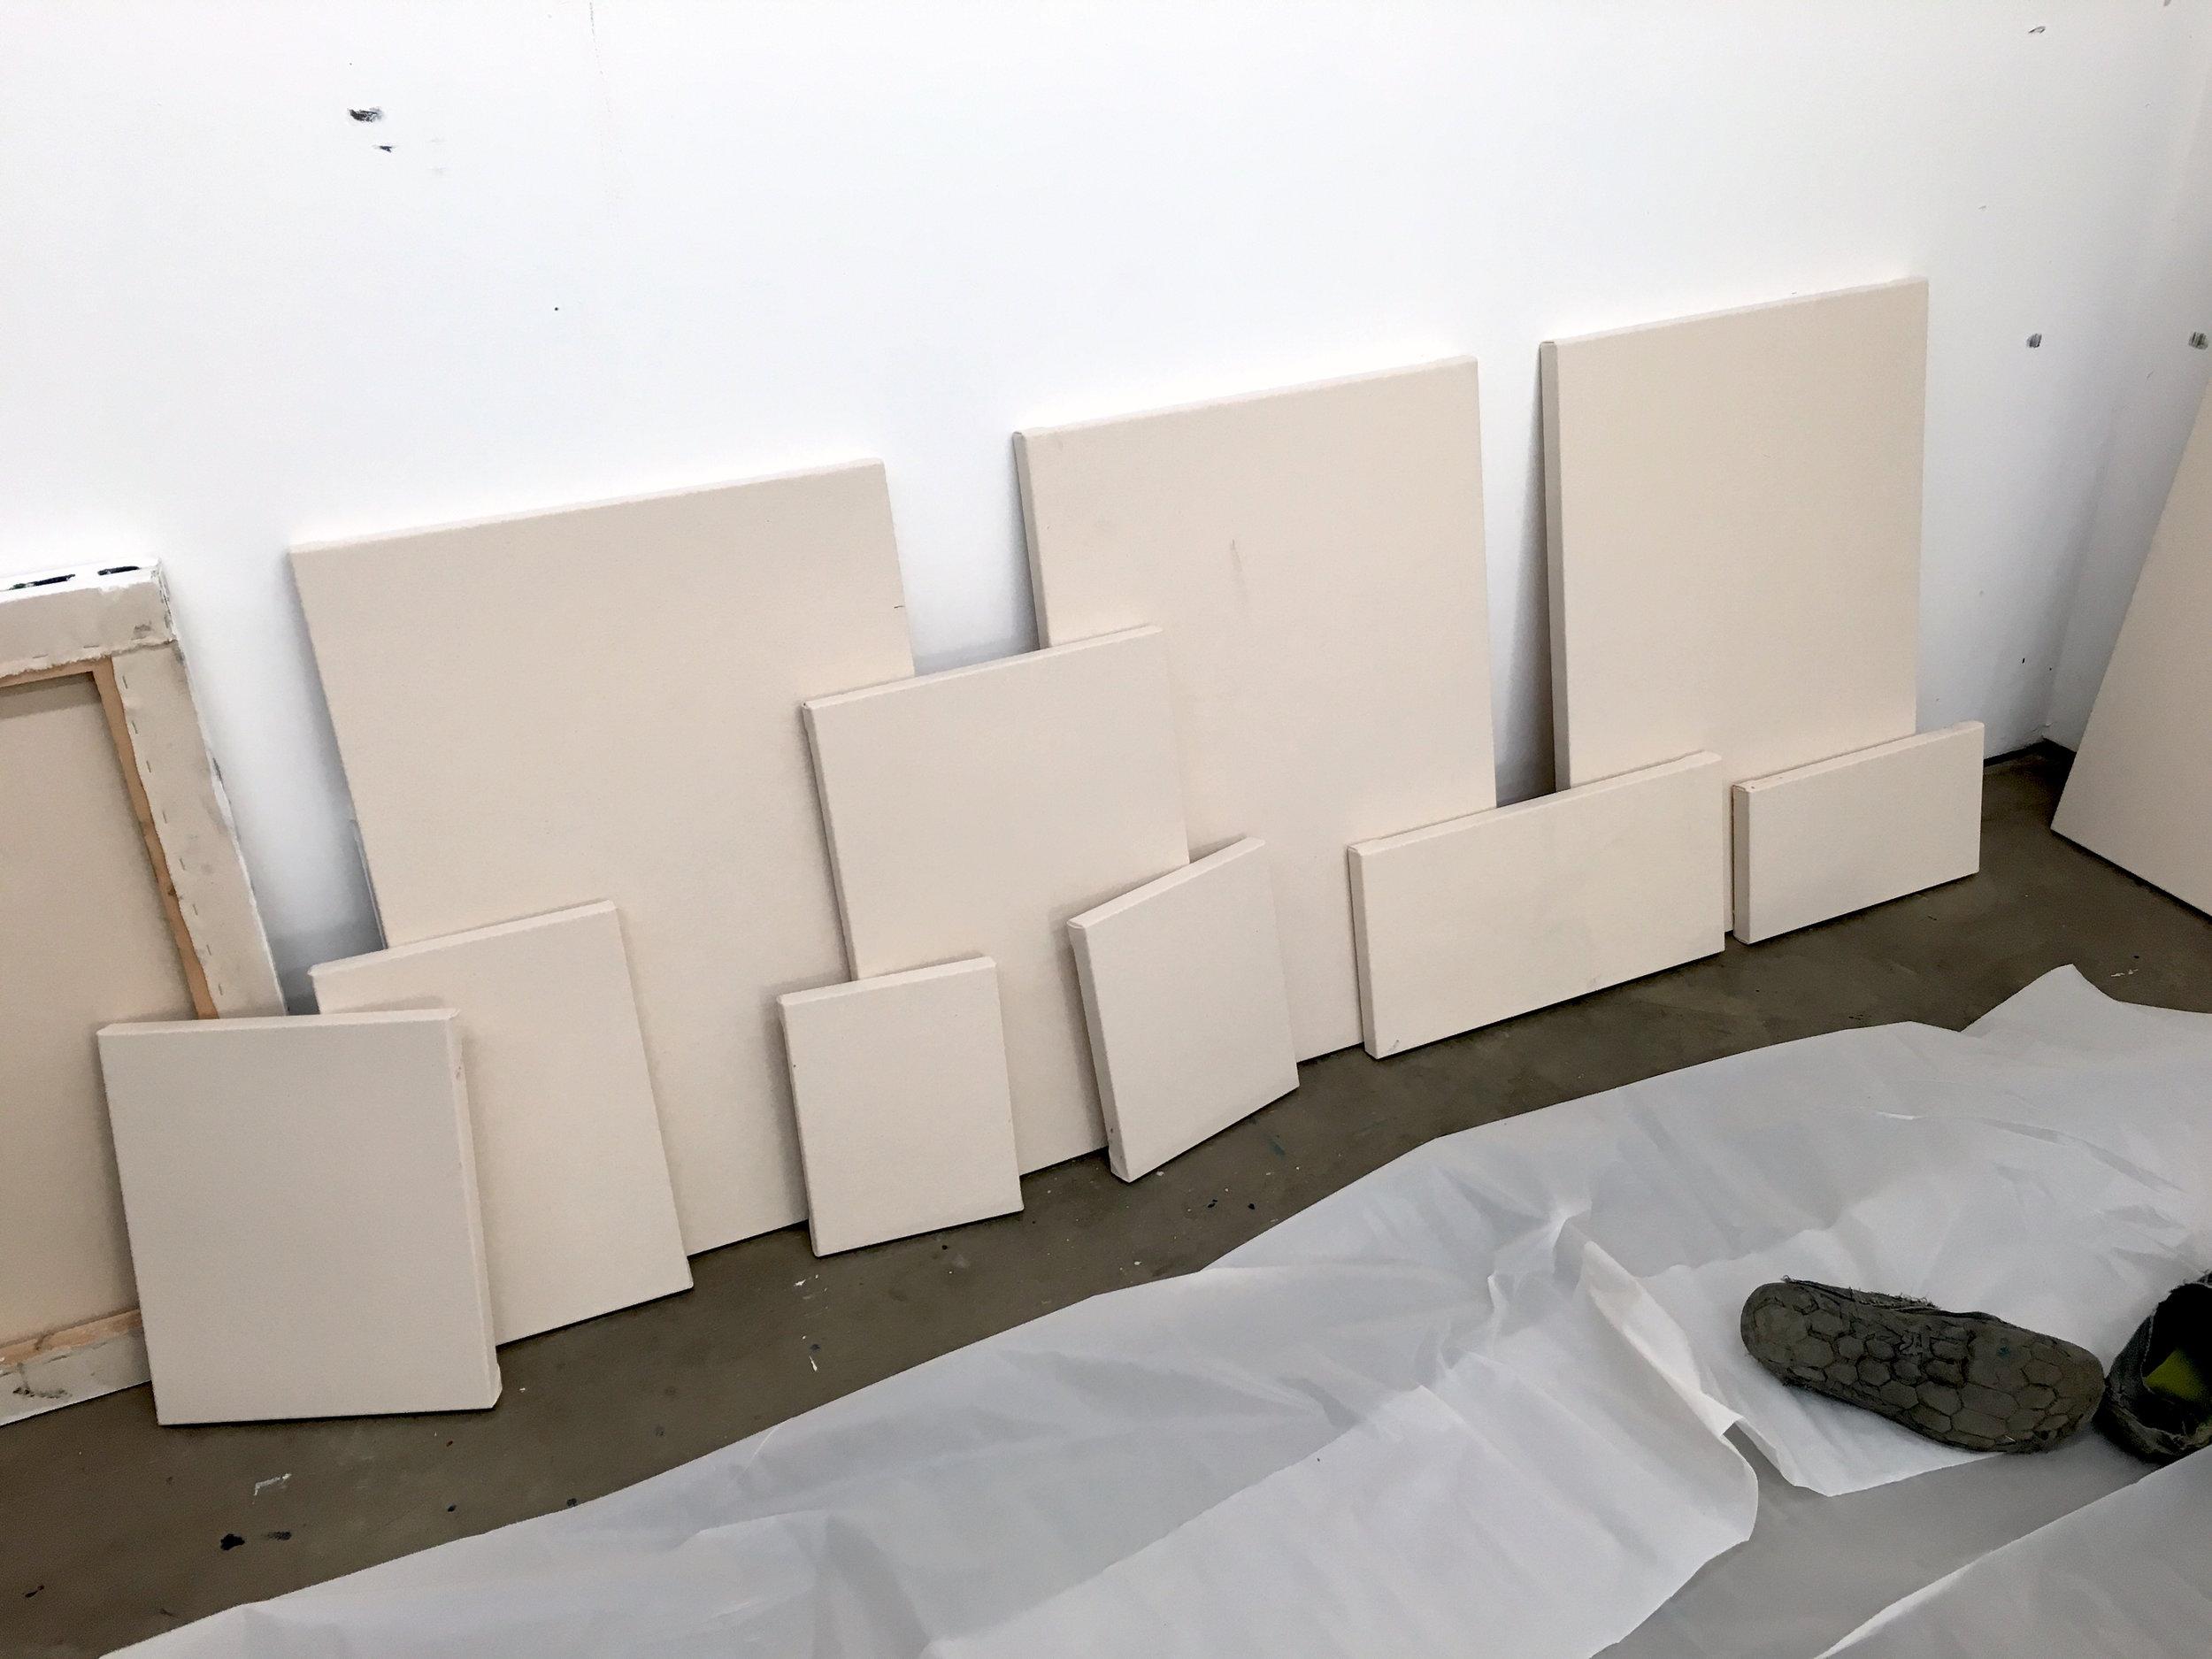 studio-view-1